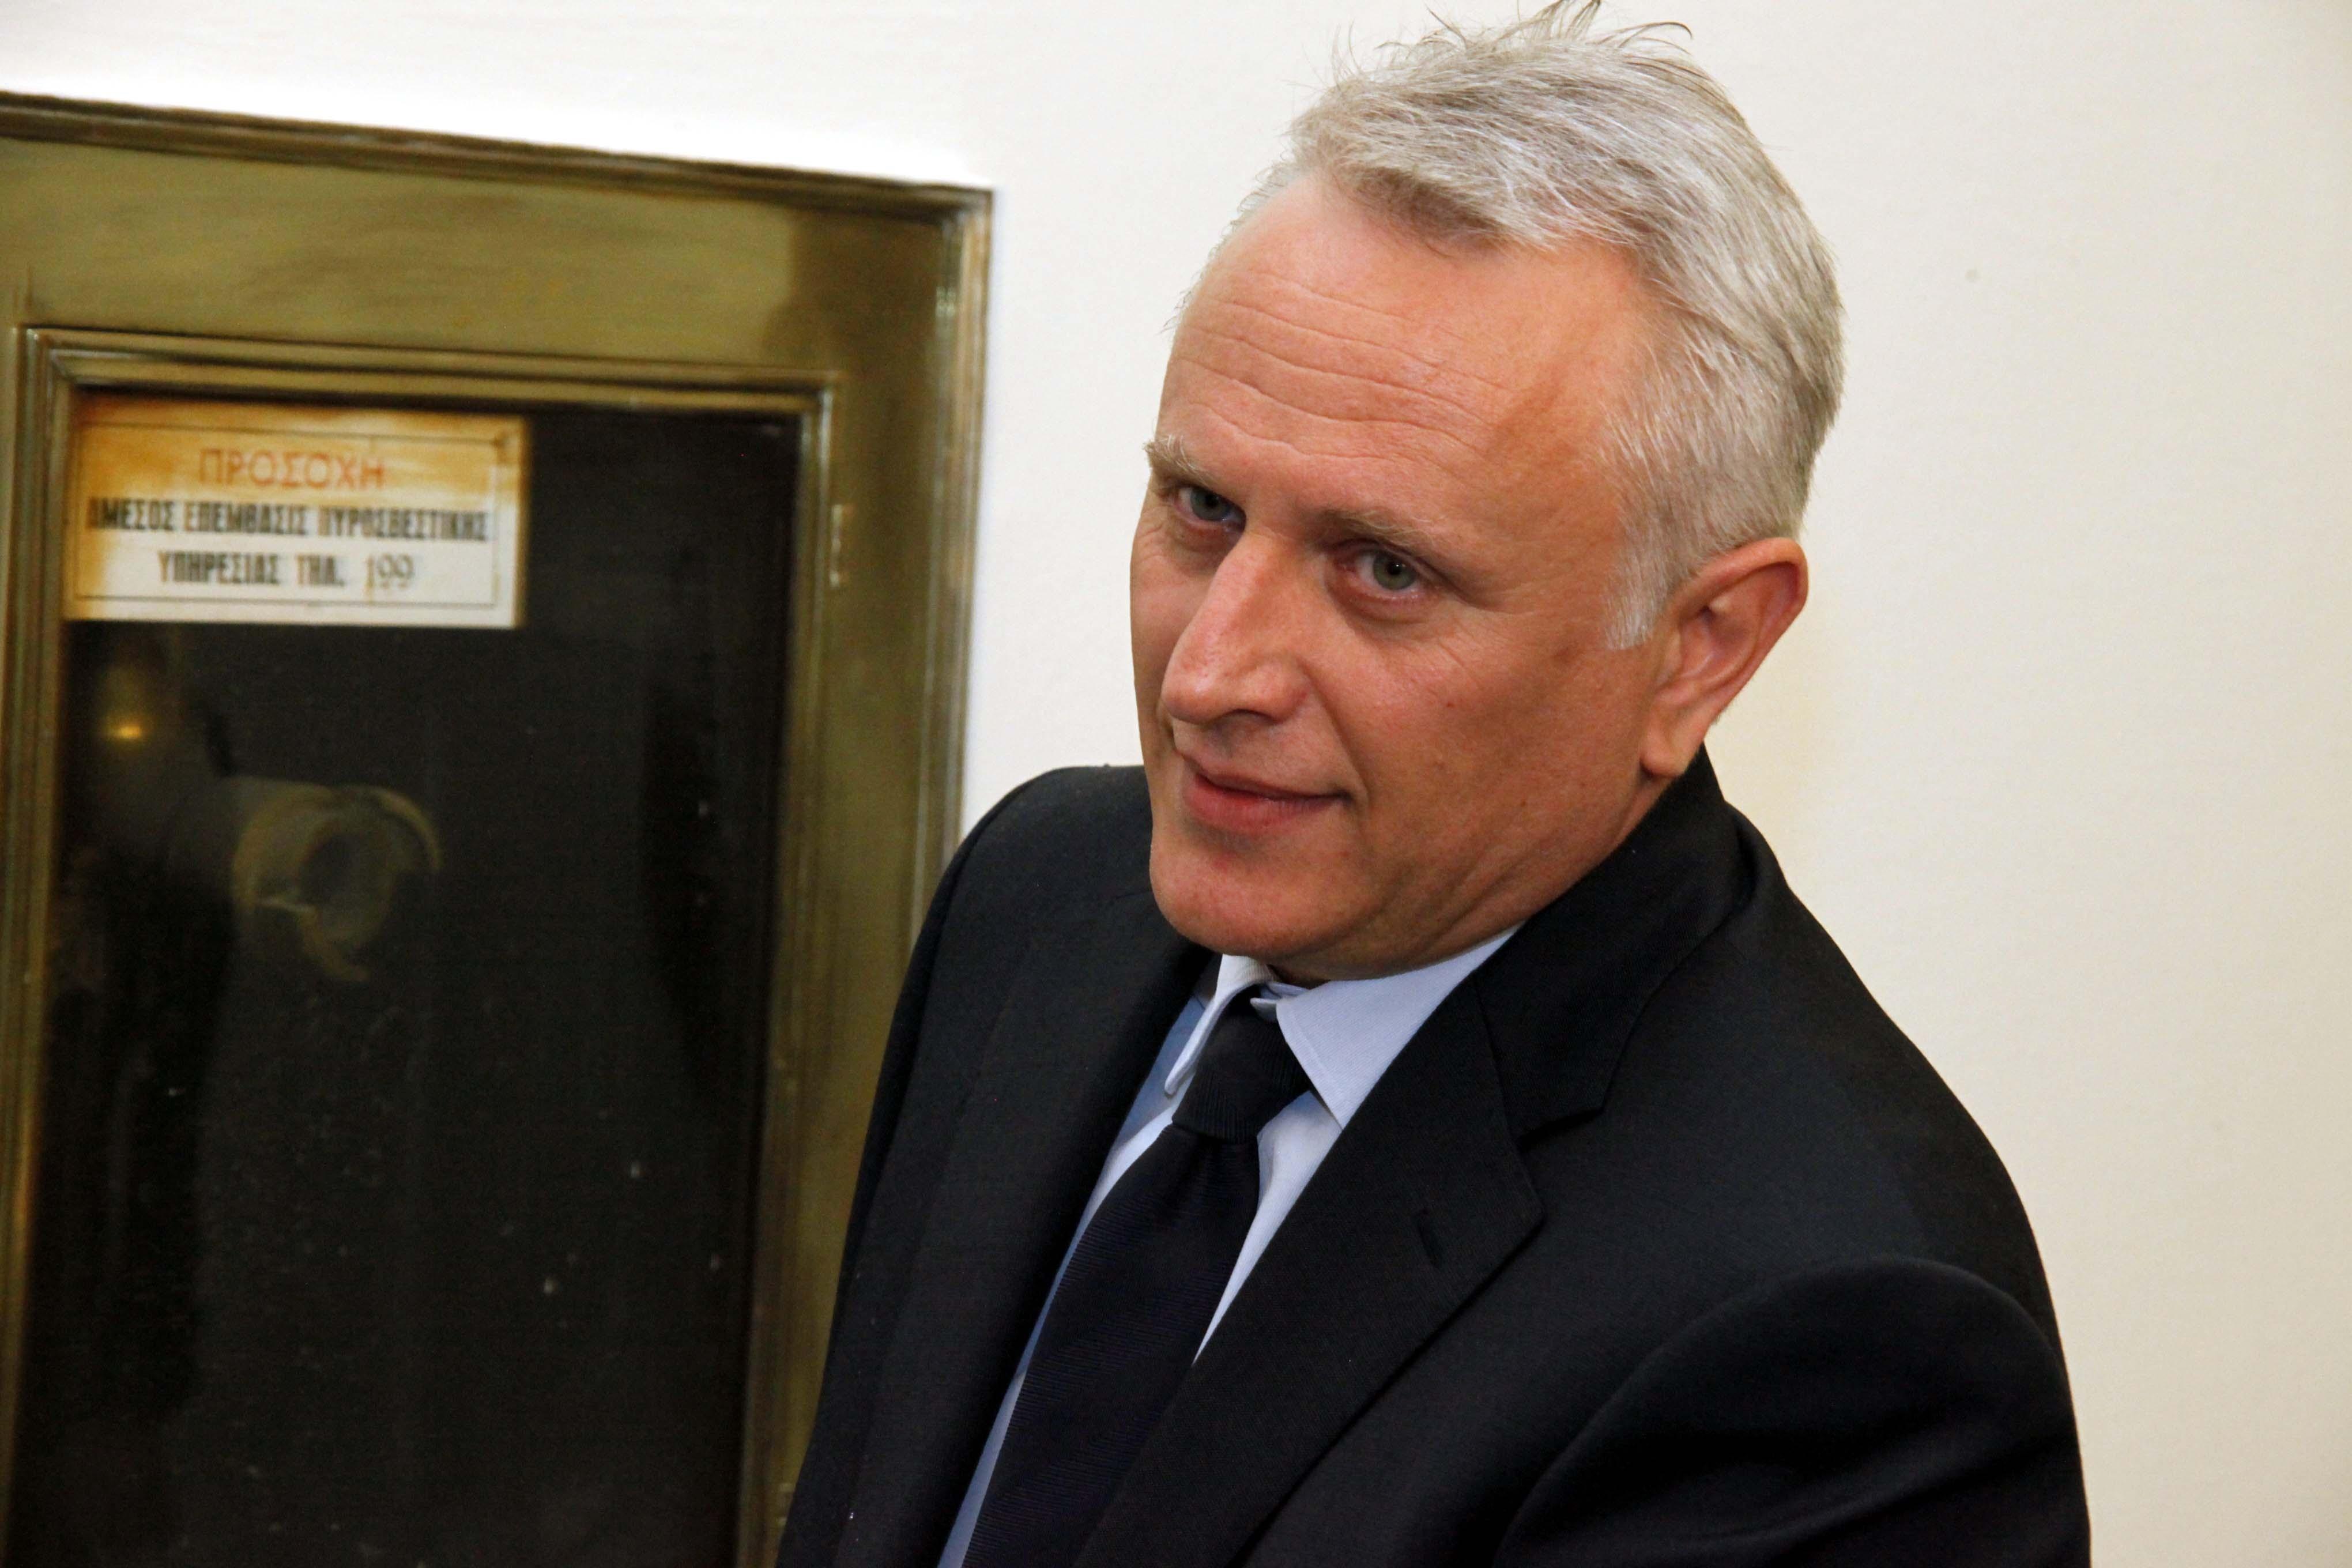 Απάντηση Ραγκούση σε Χρυσοχοΐδη: Κυβερνητική κακοποίηση του κράτους δικαίου